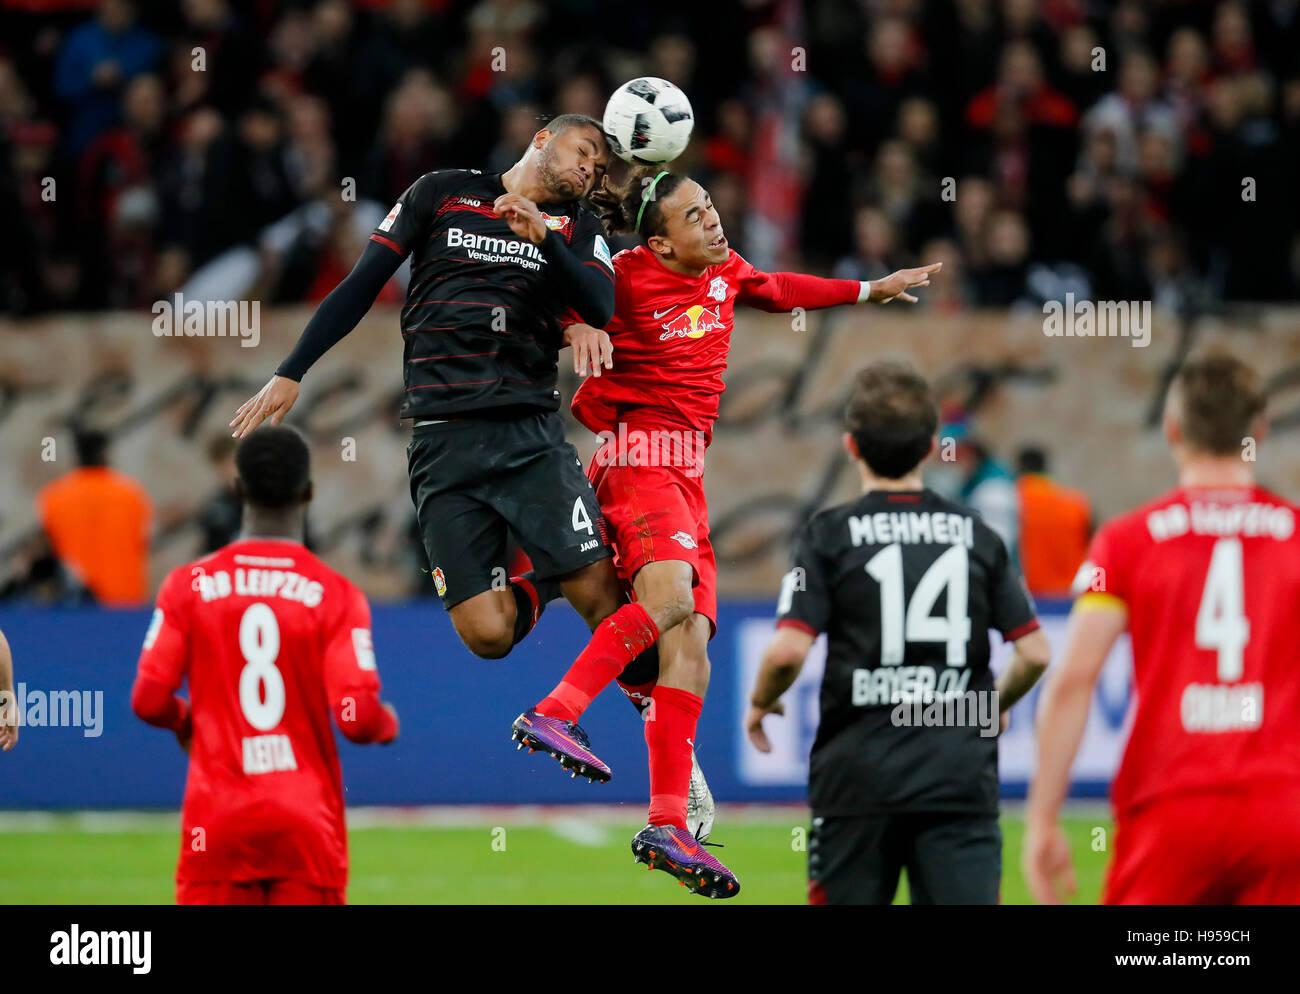 Leverkusen, Germany. 18th Nov, 2016. Jonathan TAH, Lev 4 fights for the ball against Yussuf POULSEN, RB Leipzig - Stock Image